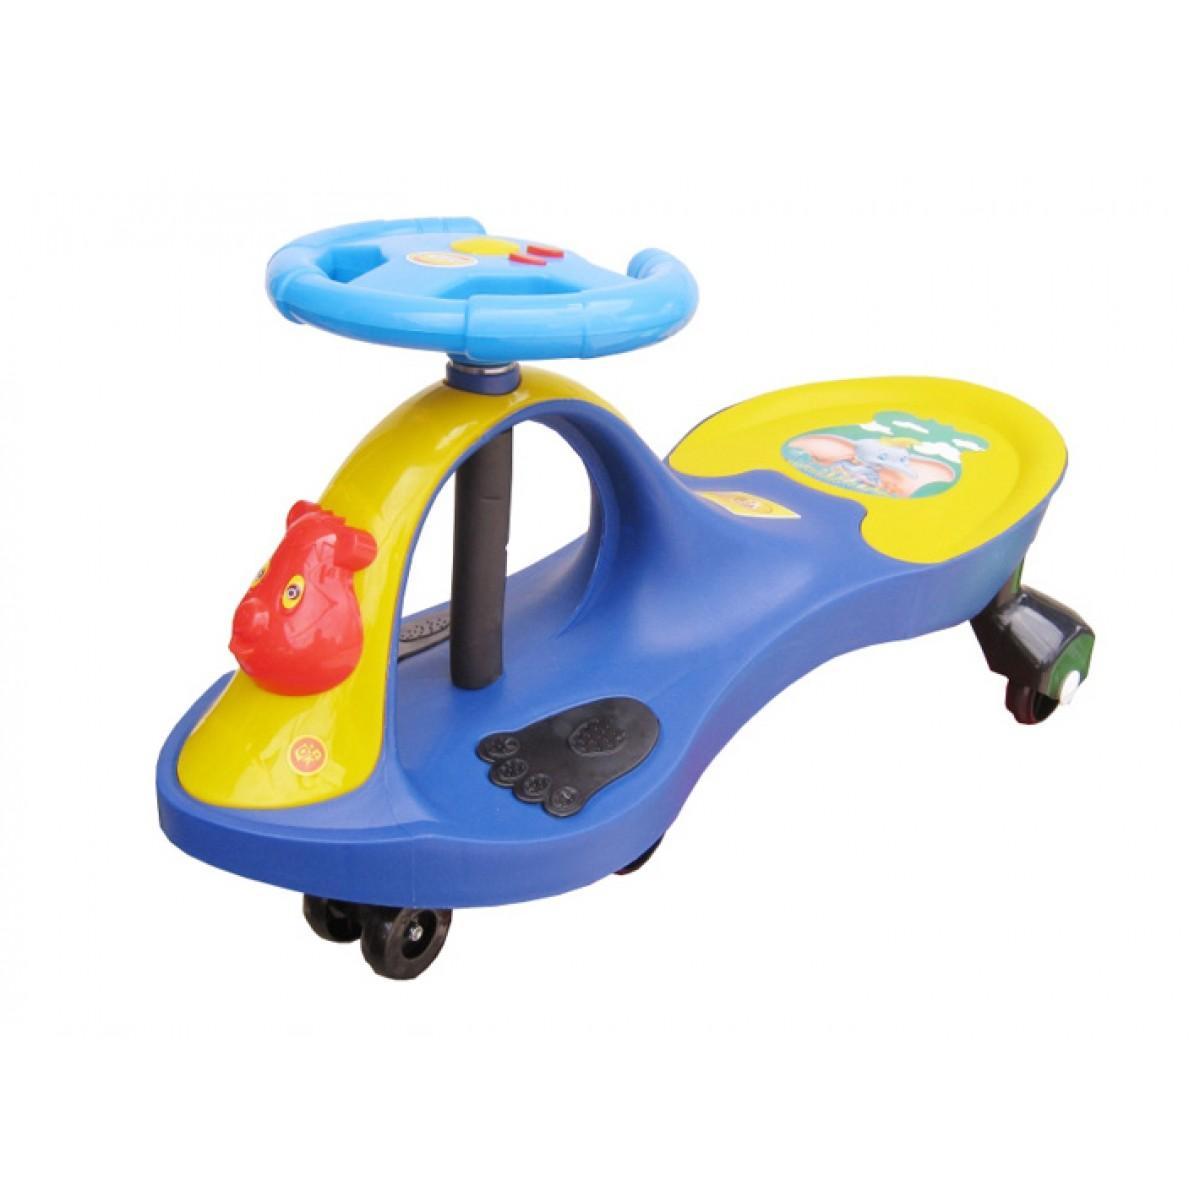 Hình ảnh xe lắc Song Long có nhạc cho bé ( màu xanh, đỏ, vàng)